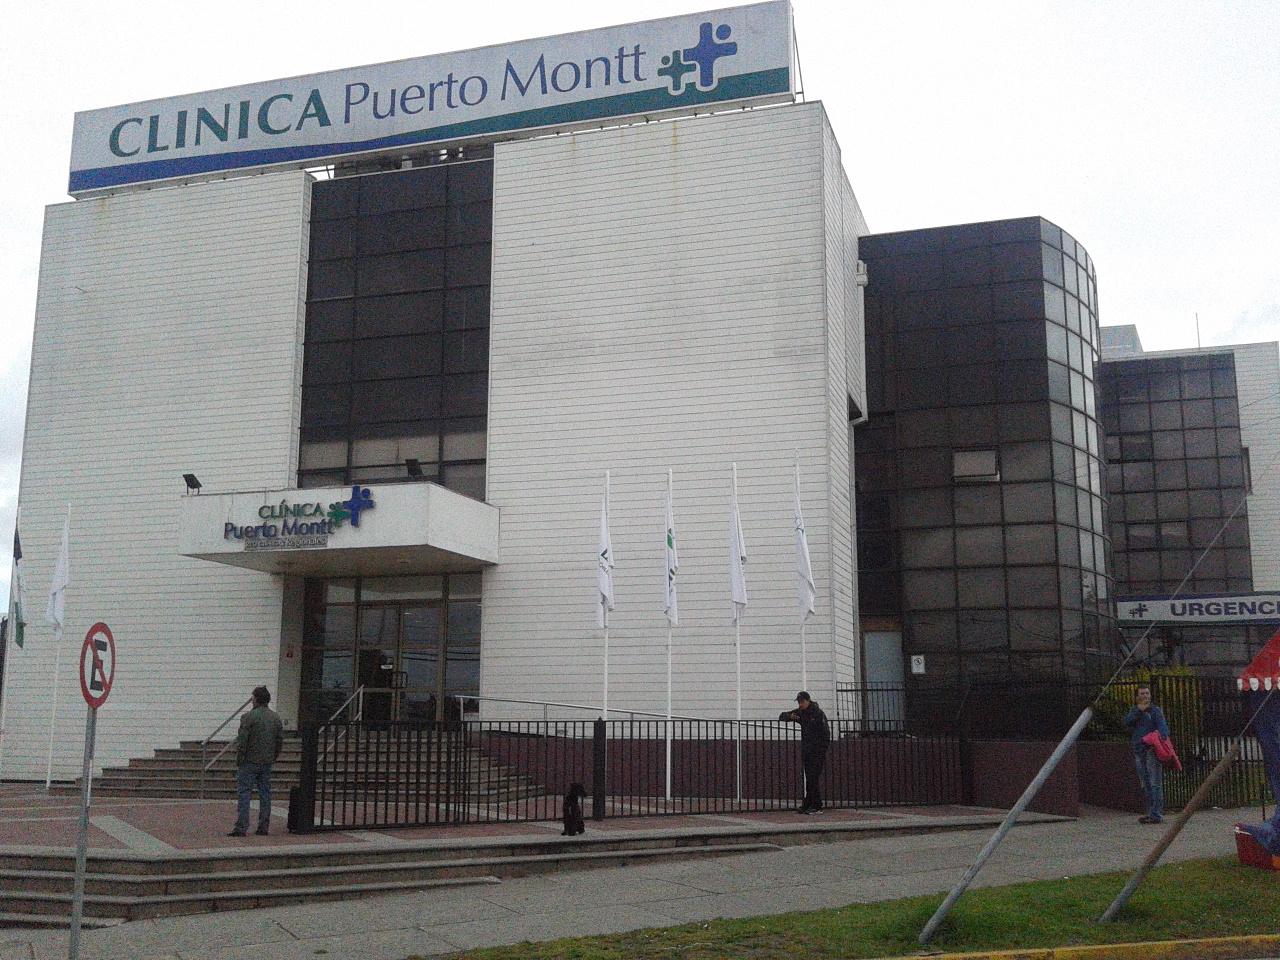 CLINICA PUERTO MONTT